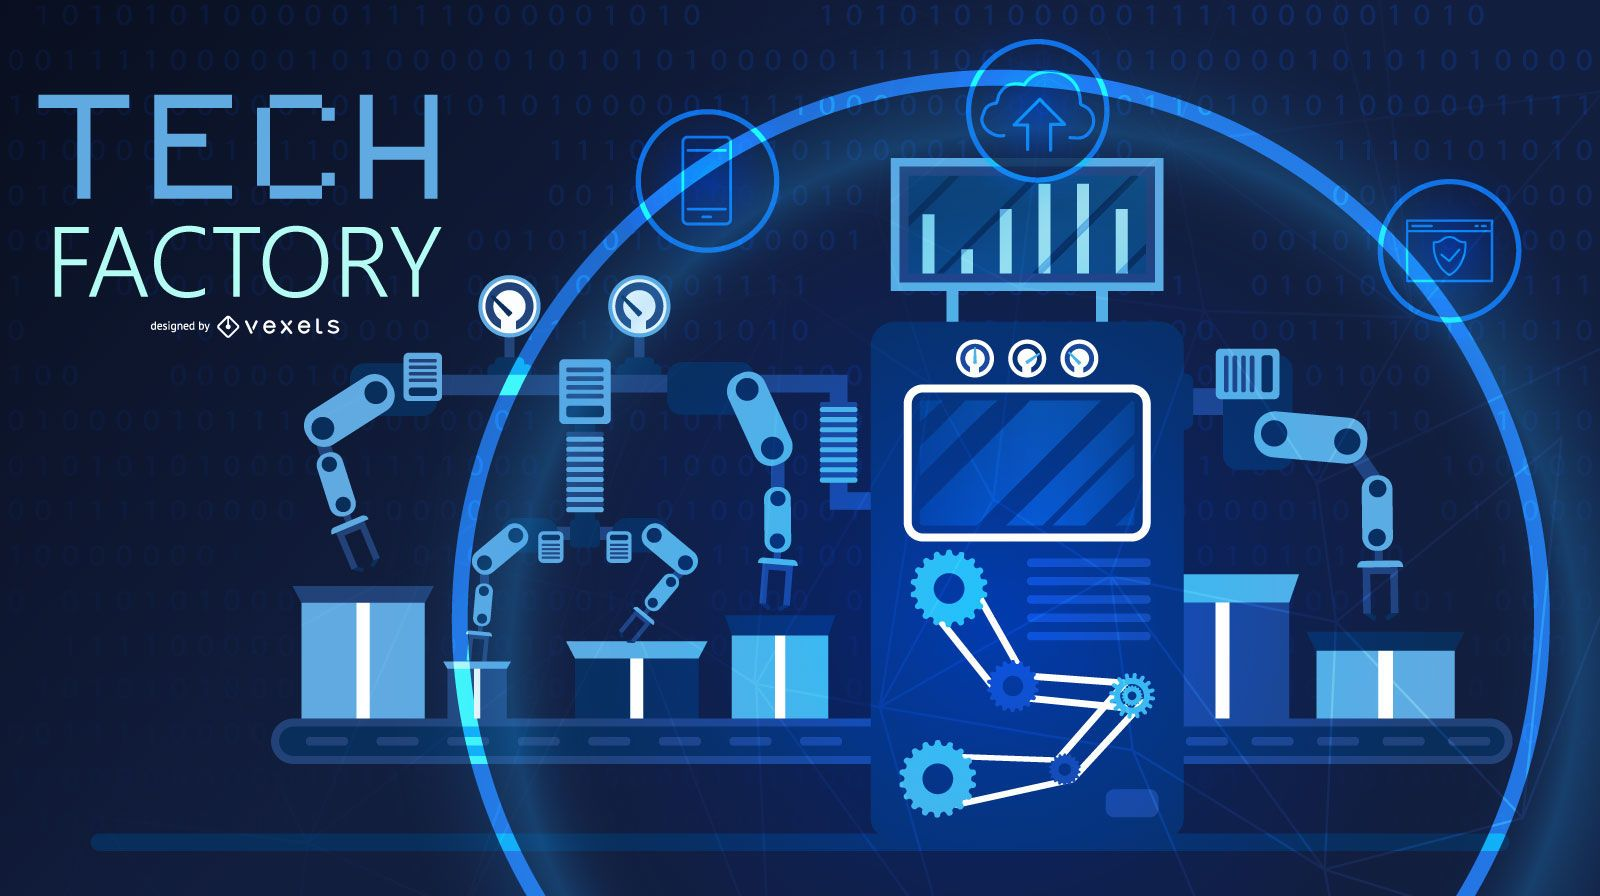 Diseño gráfico del concepto de fábrica de tecnología